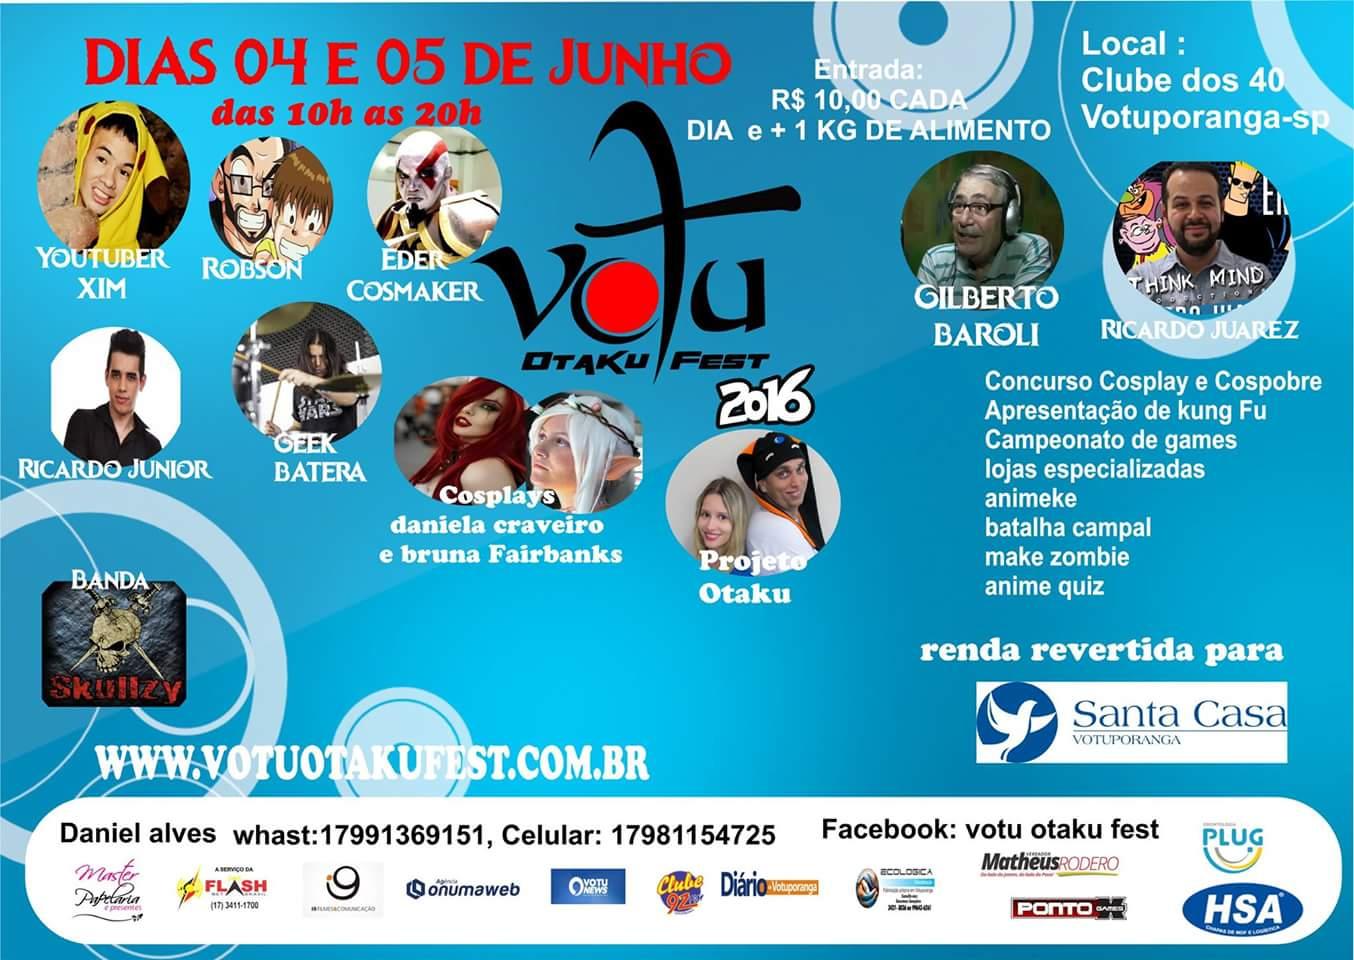 Votu Otaku Fest 2016